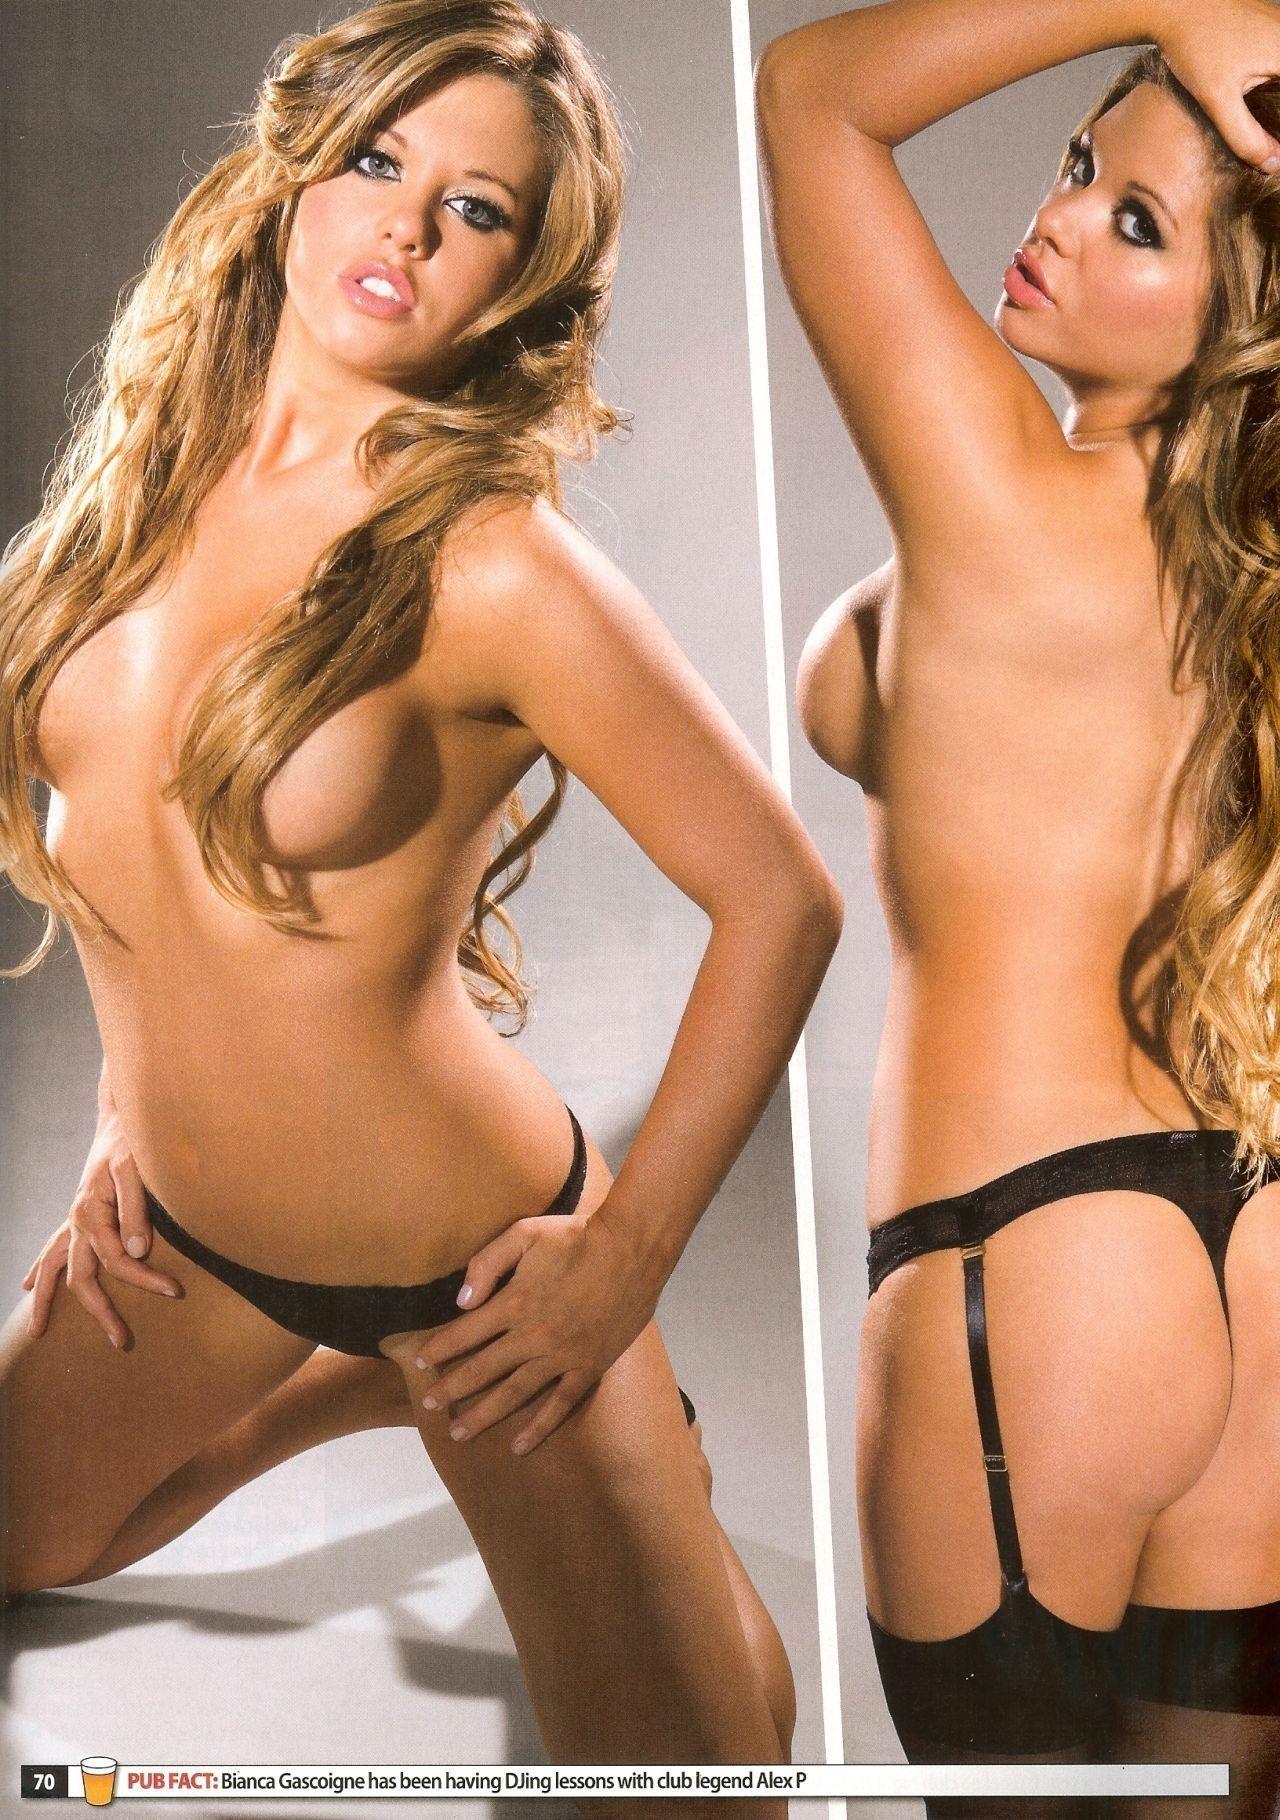 bianca-gascoigne-nude-sexy-65-thefappeningblog.com_.jpg